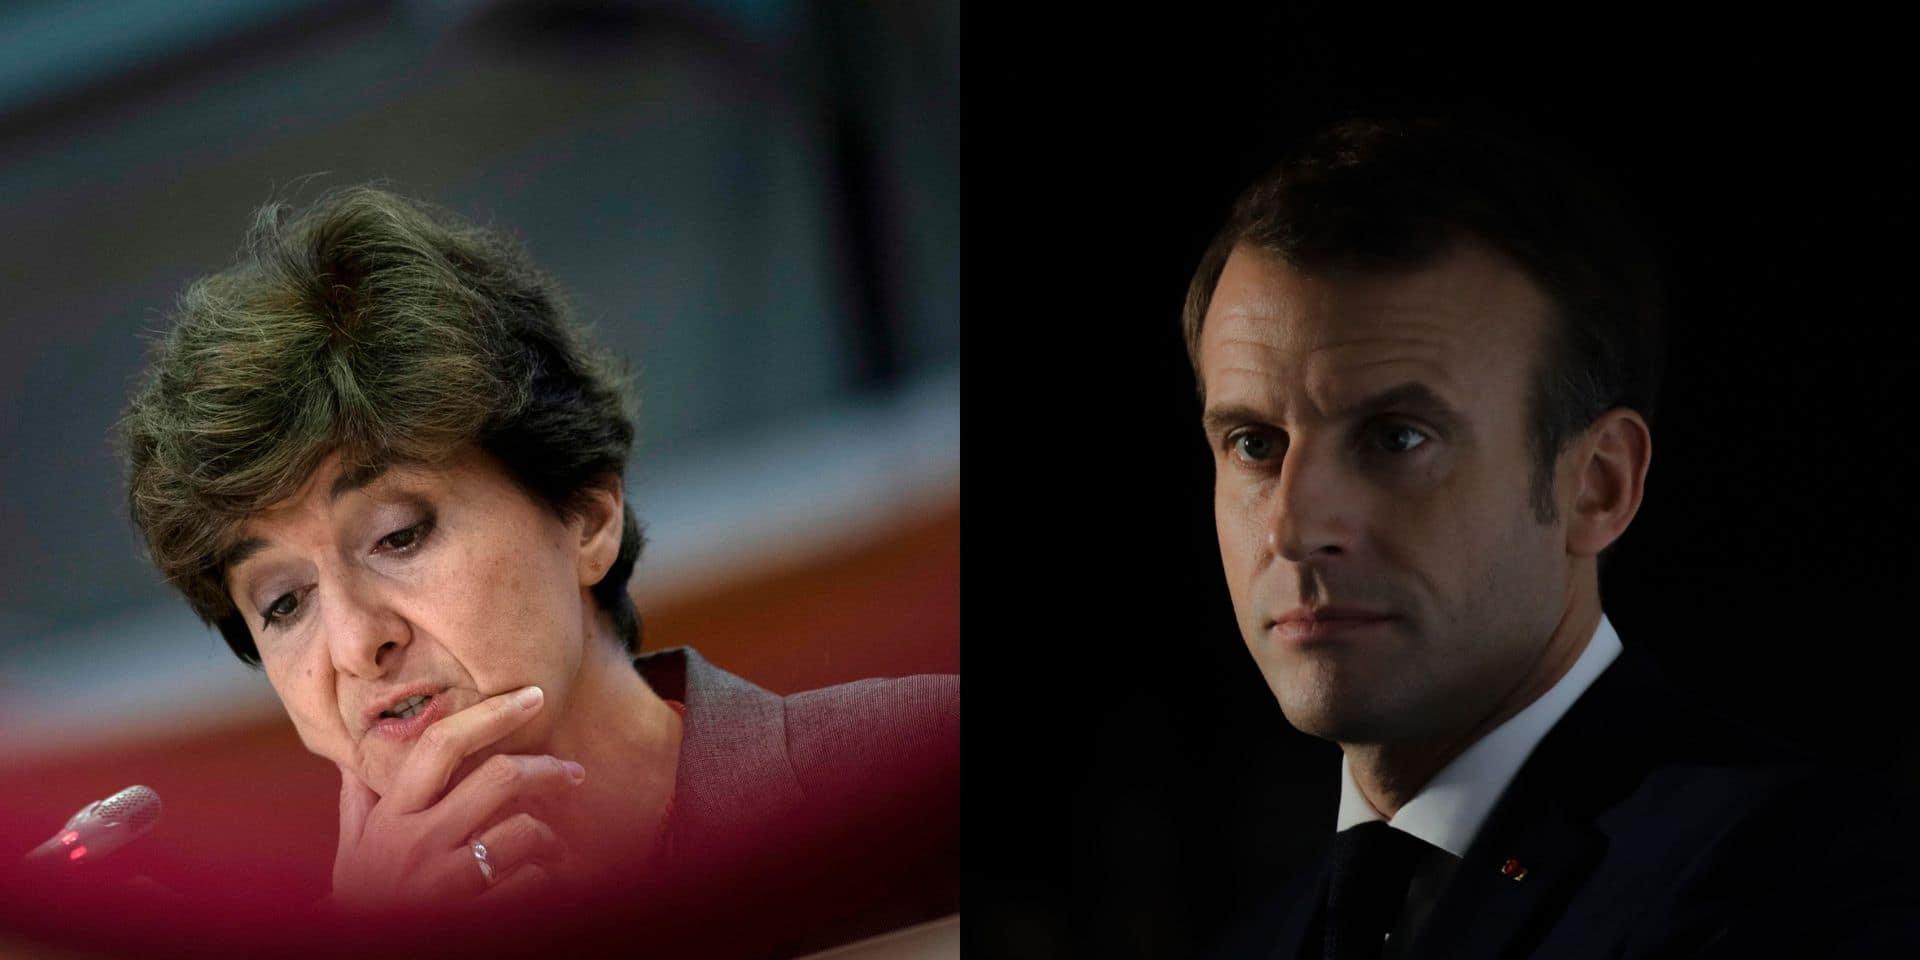 Édito: Macron reçoit la monnaie de sa pièce